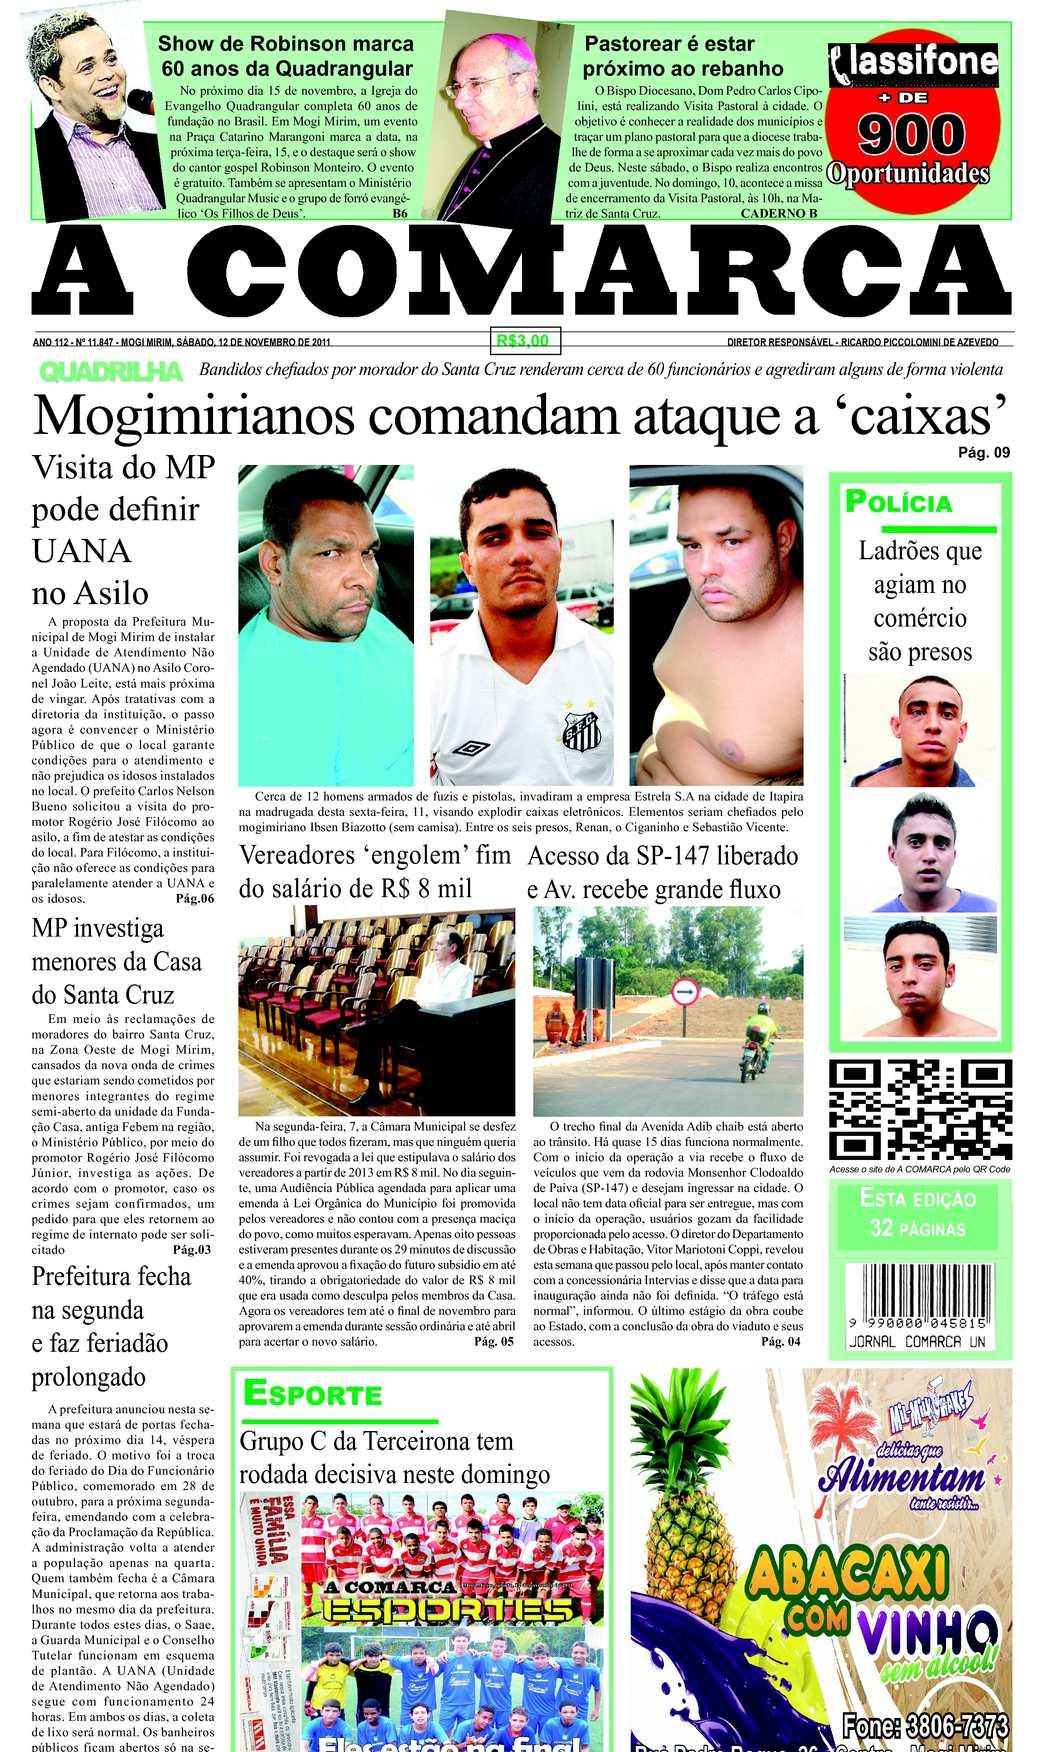 Calaméo - A Comarca 2200275e4cb6d